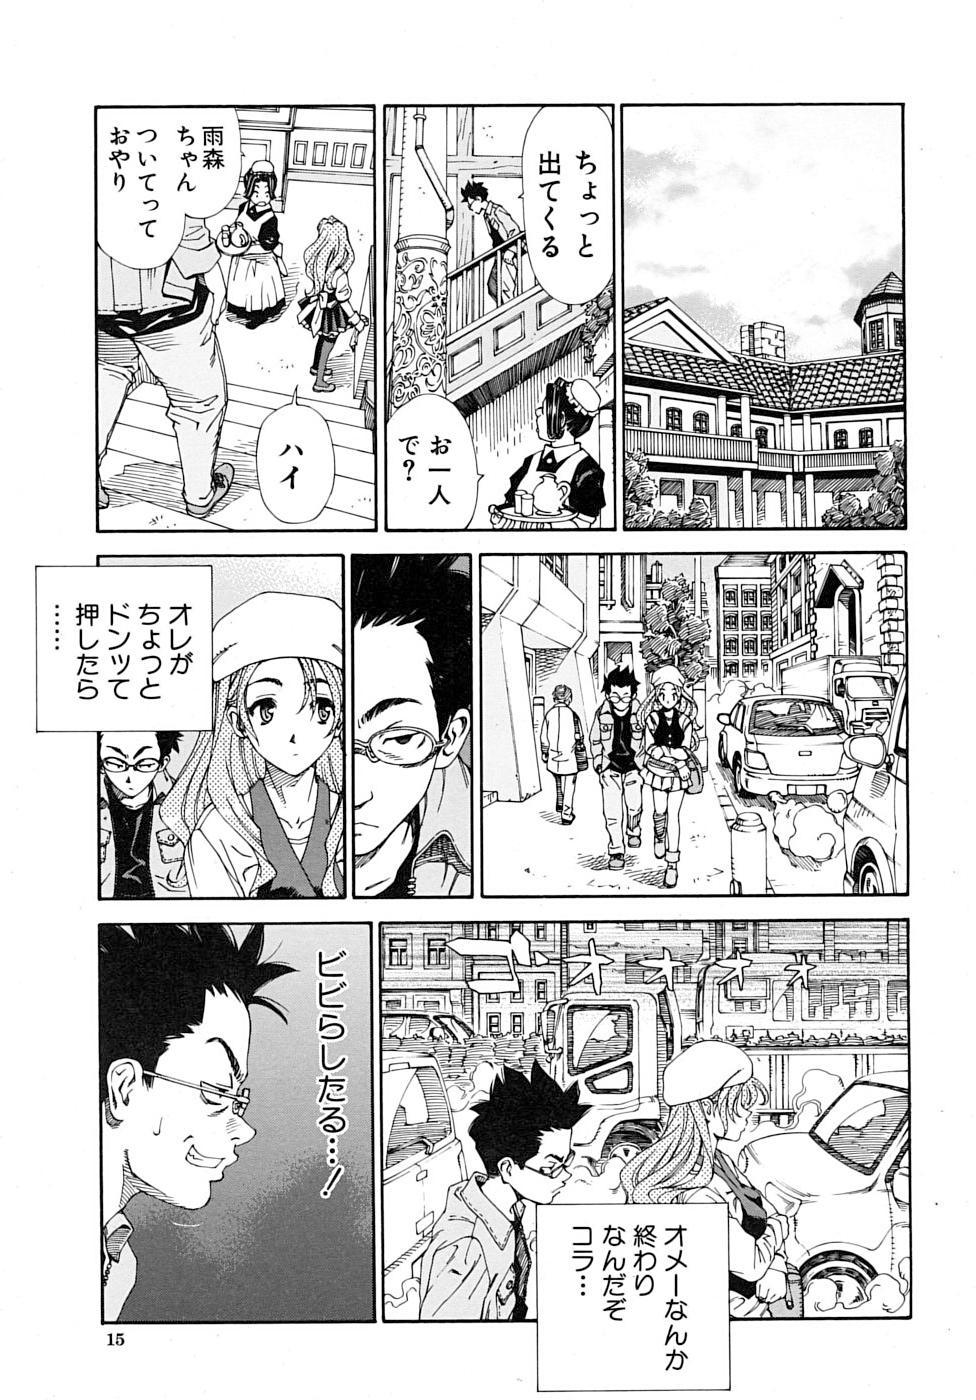 Amamori no Yari 10